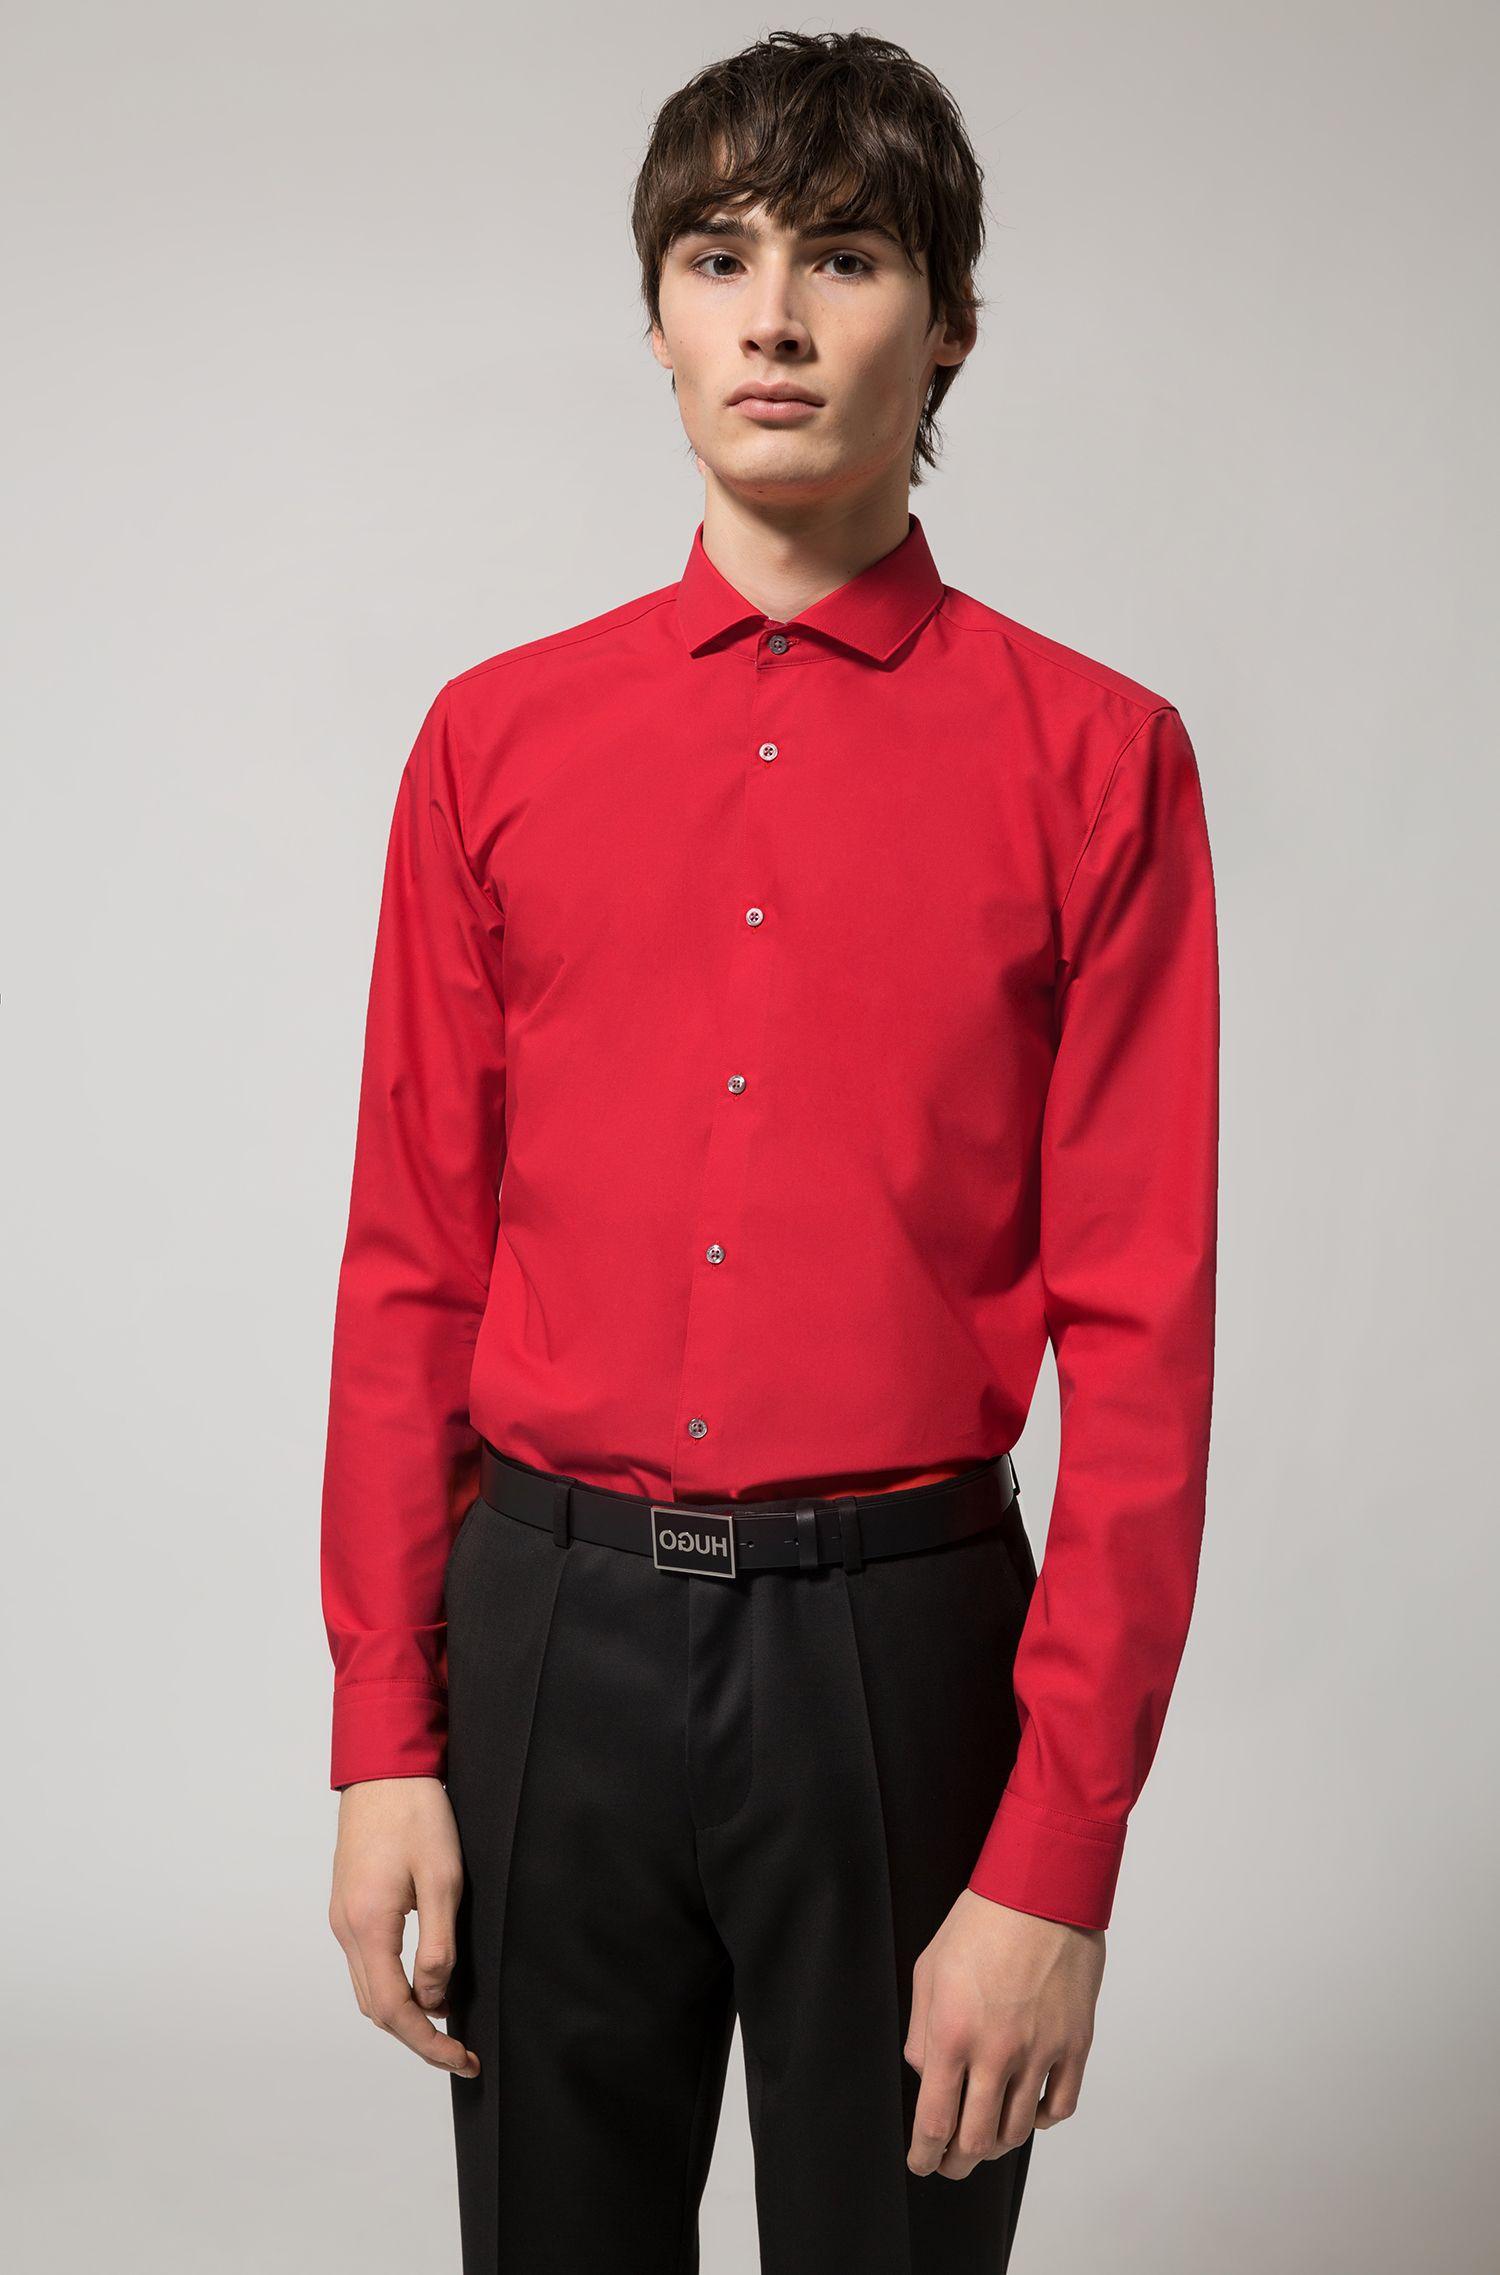 Extra slim-fit overhemd van katoen met printdetails aan de binnenzijde